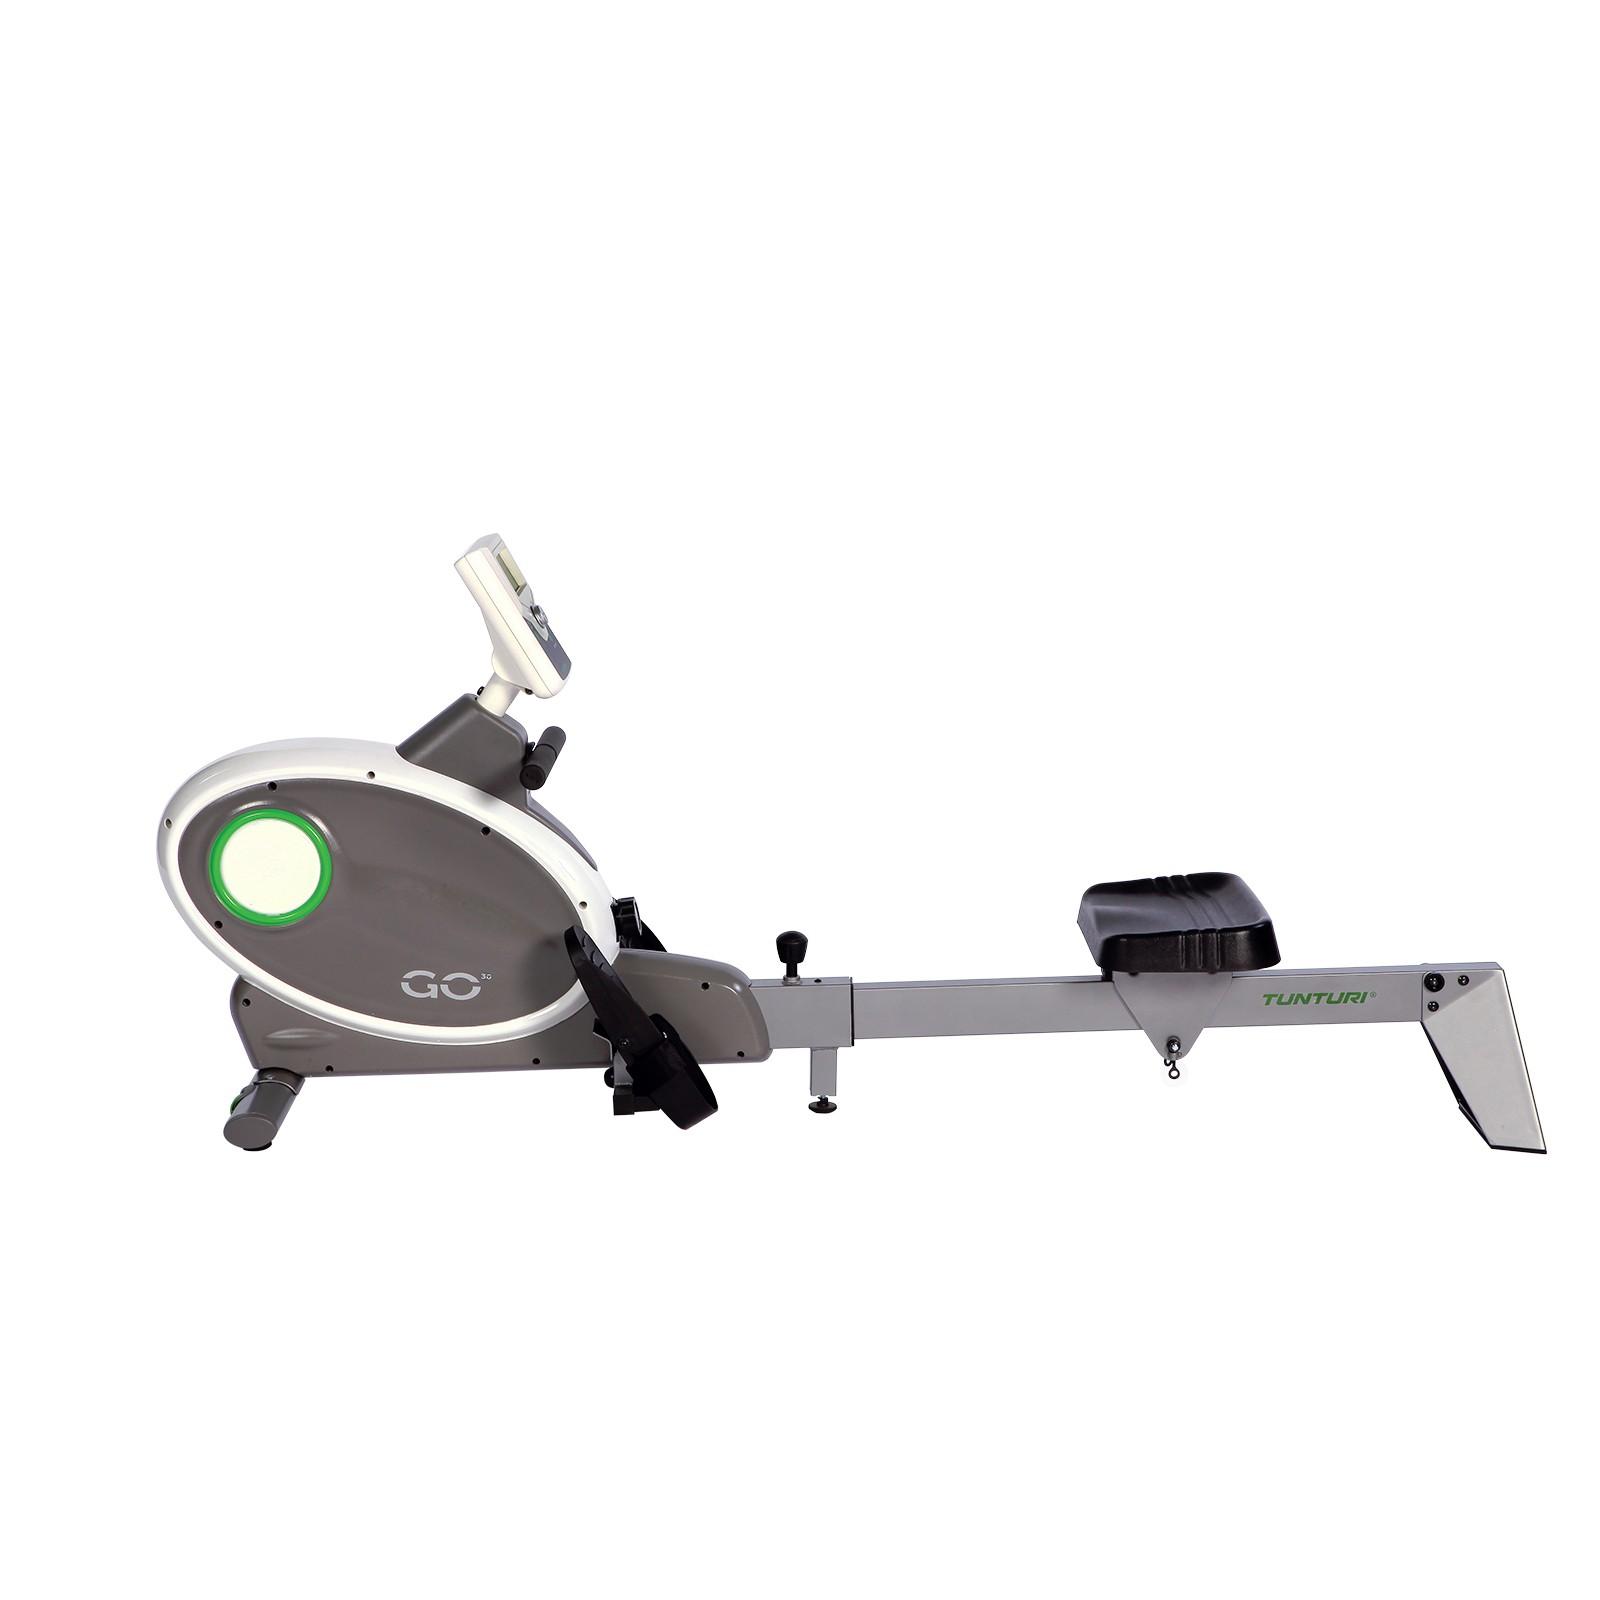 tunturi rower machine